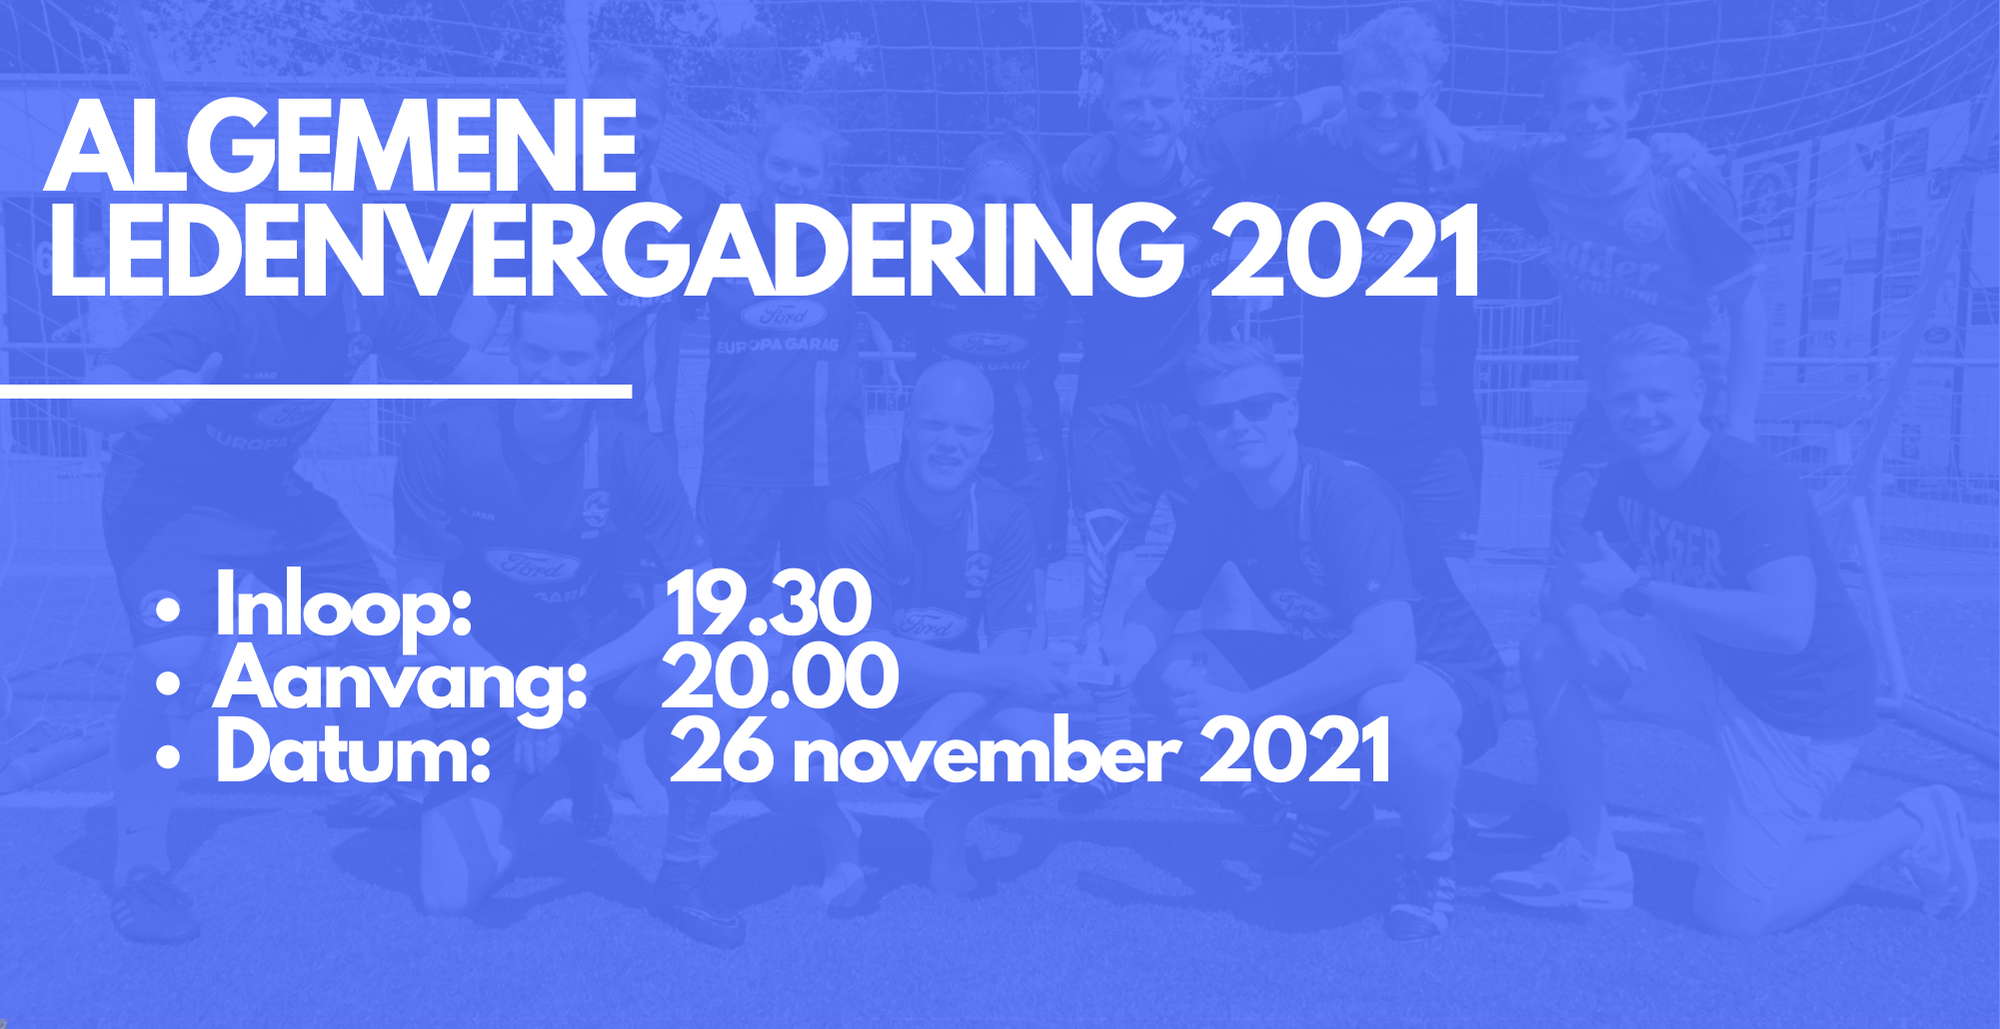 Algemene ledenvergadering 26 november 2021